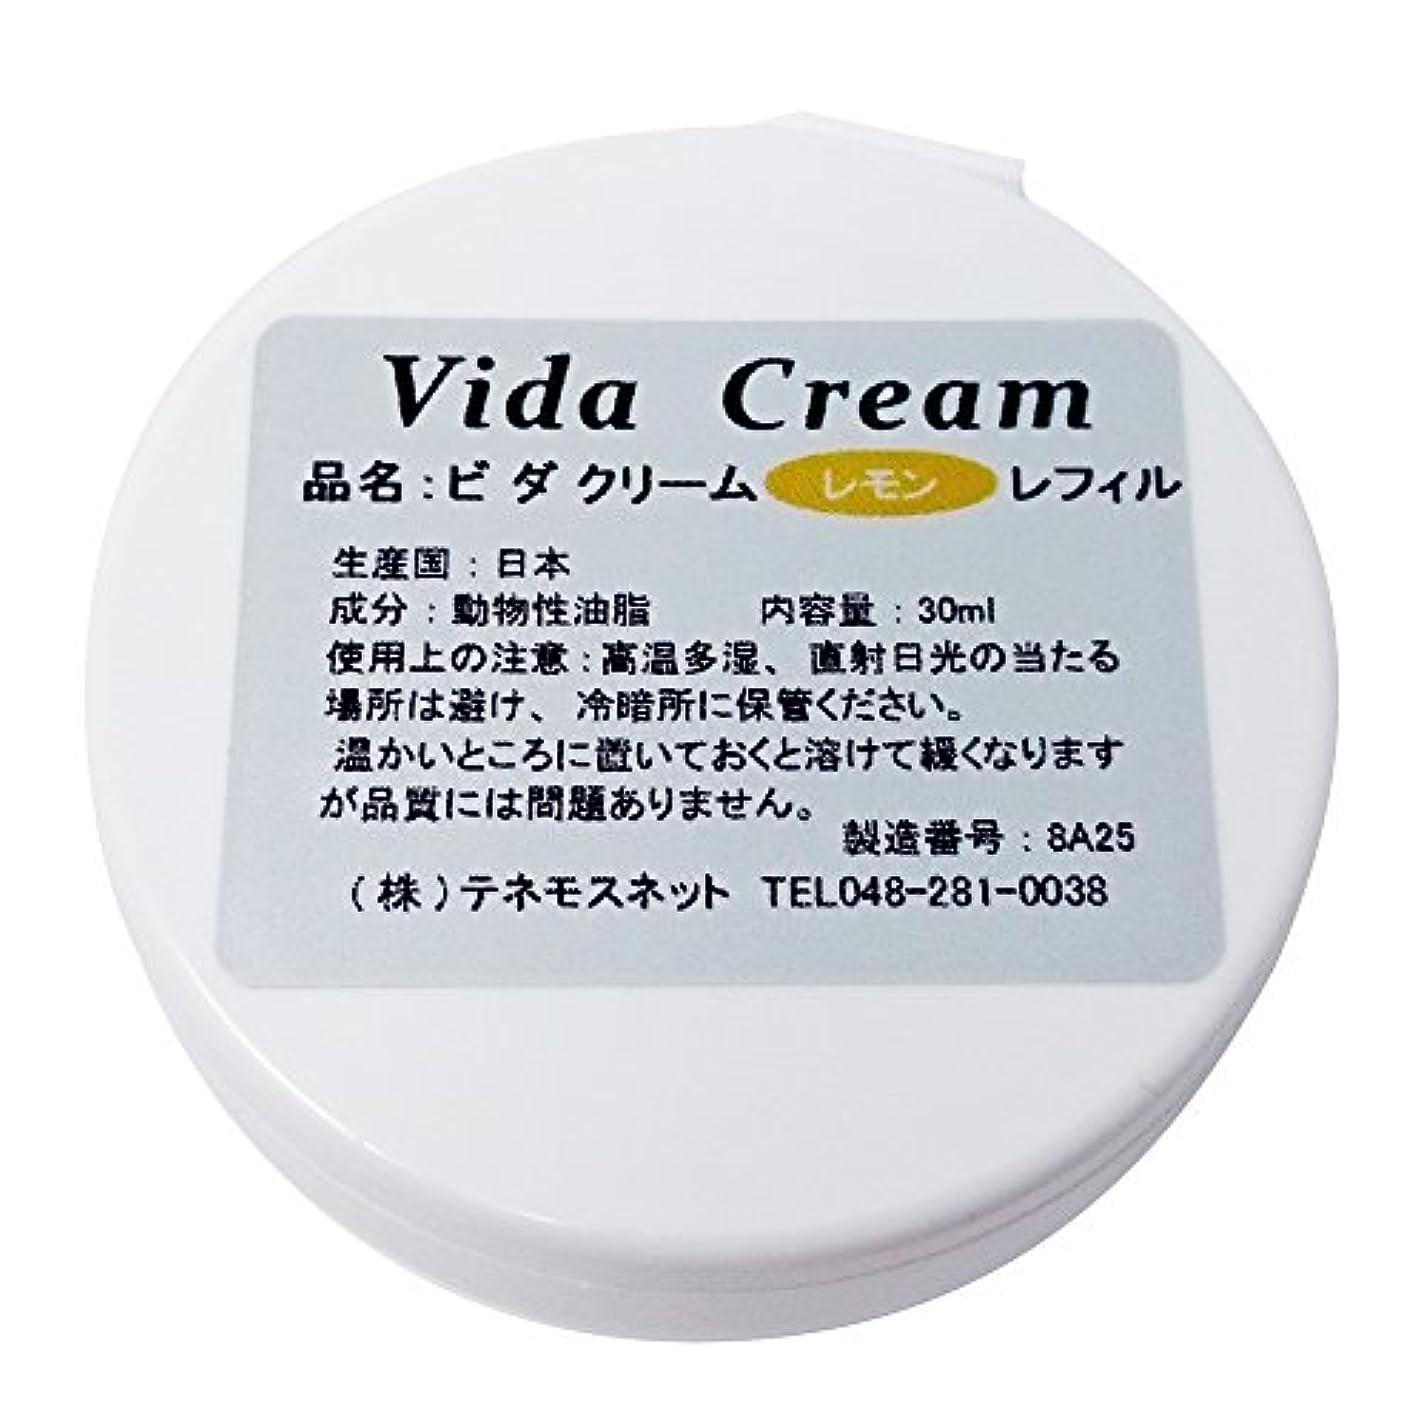 粗い壁非武装化テネモス ビダクリーム Vida Cream ほのかレモン レフィル 付替用 30ml